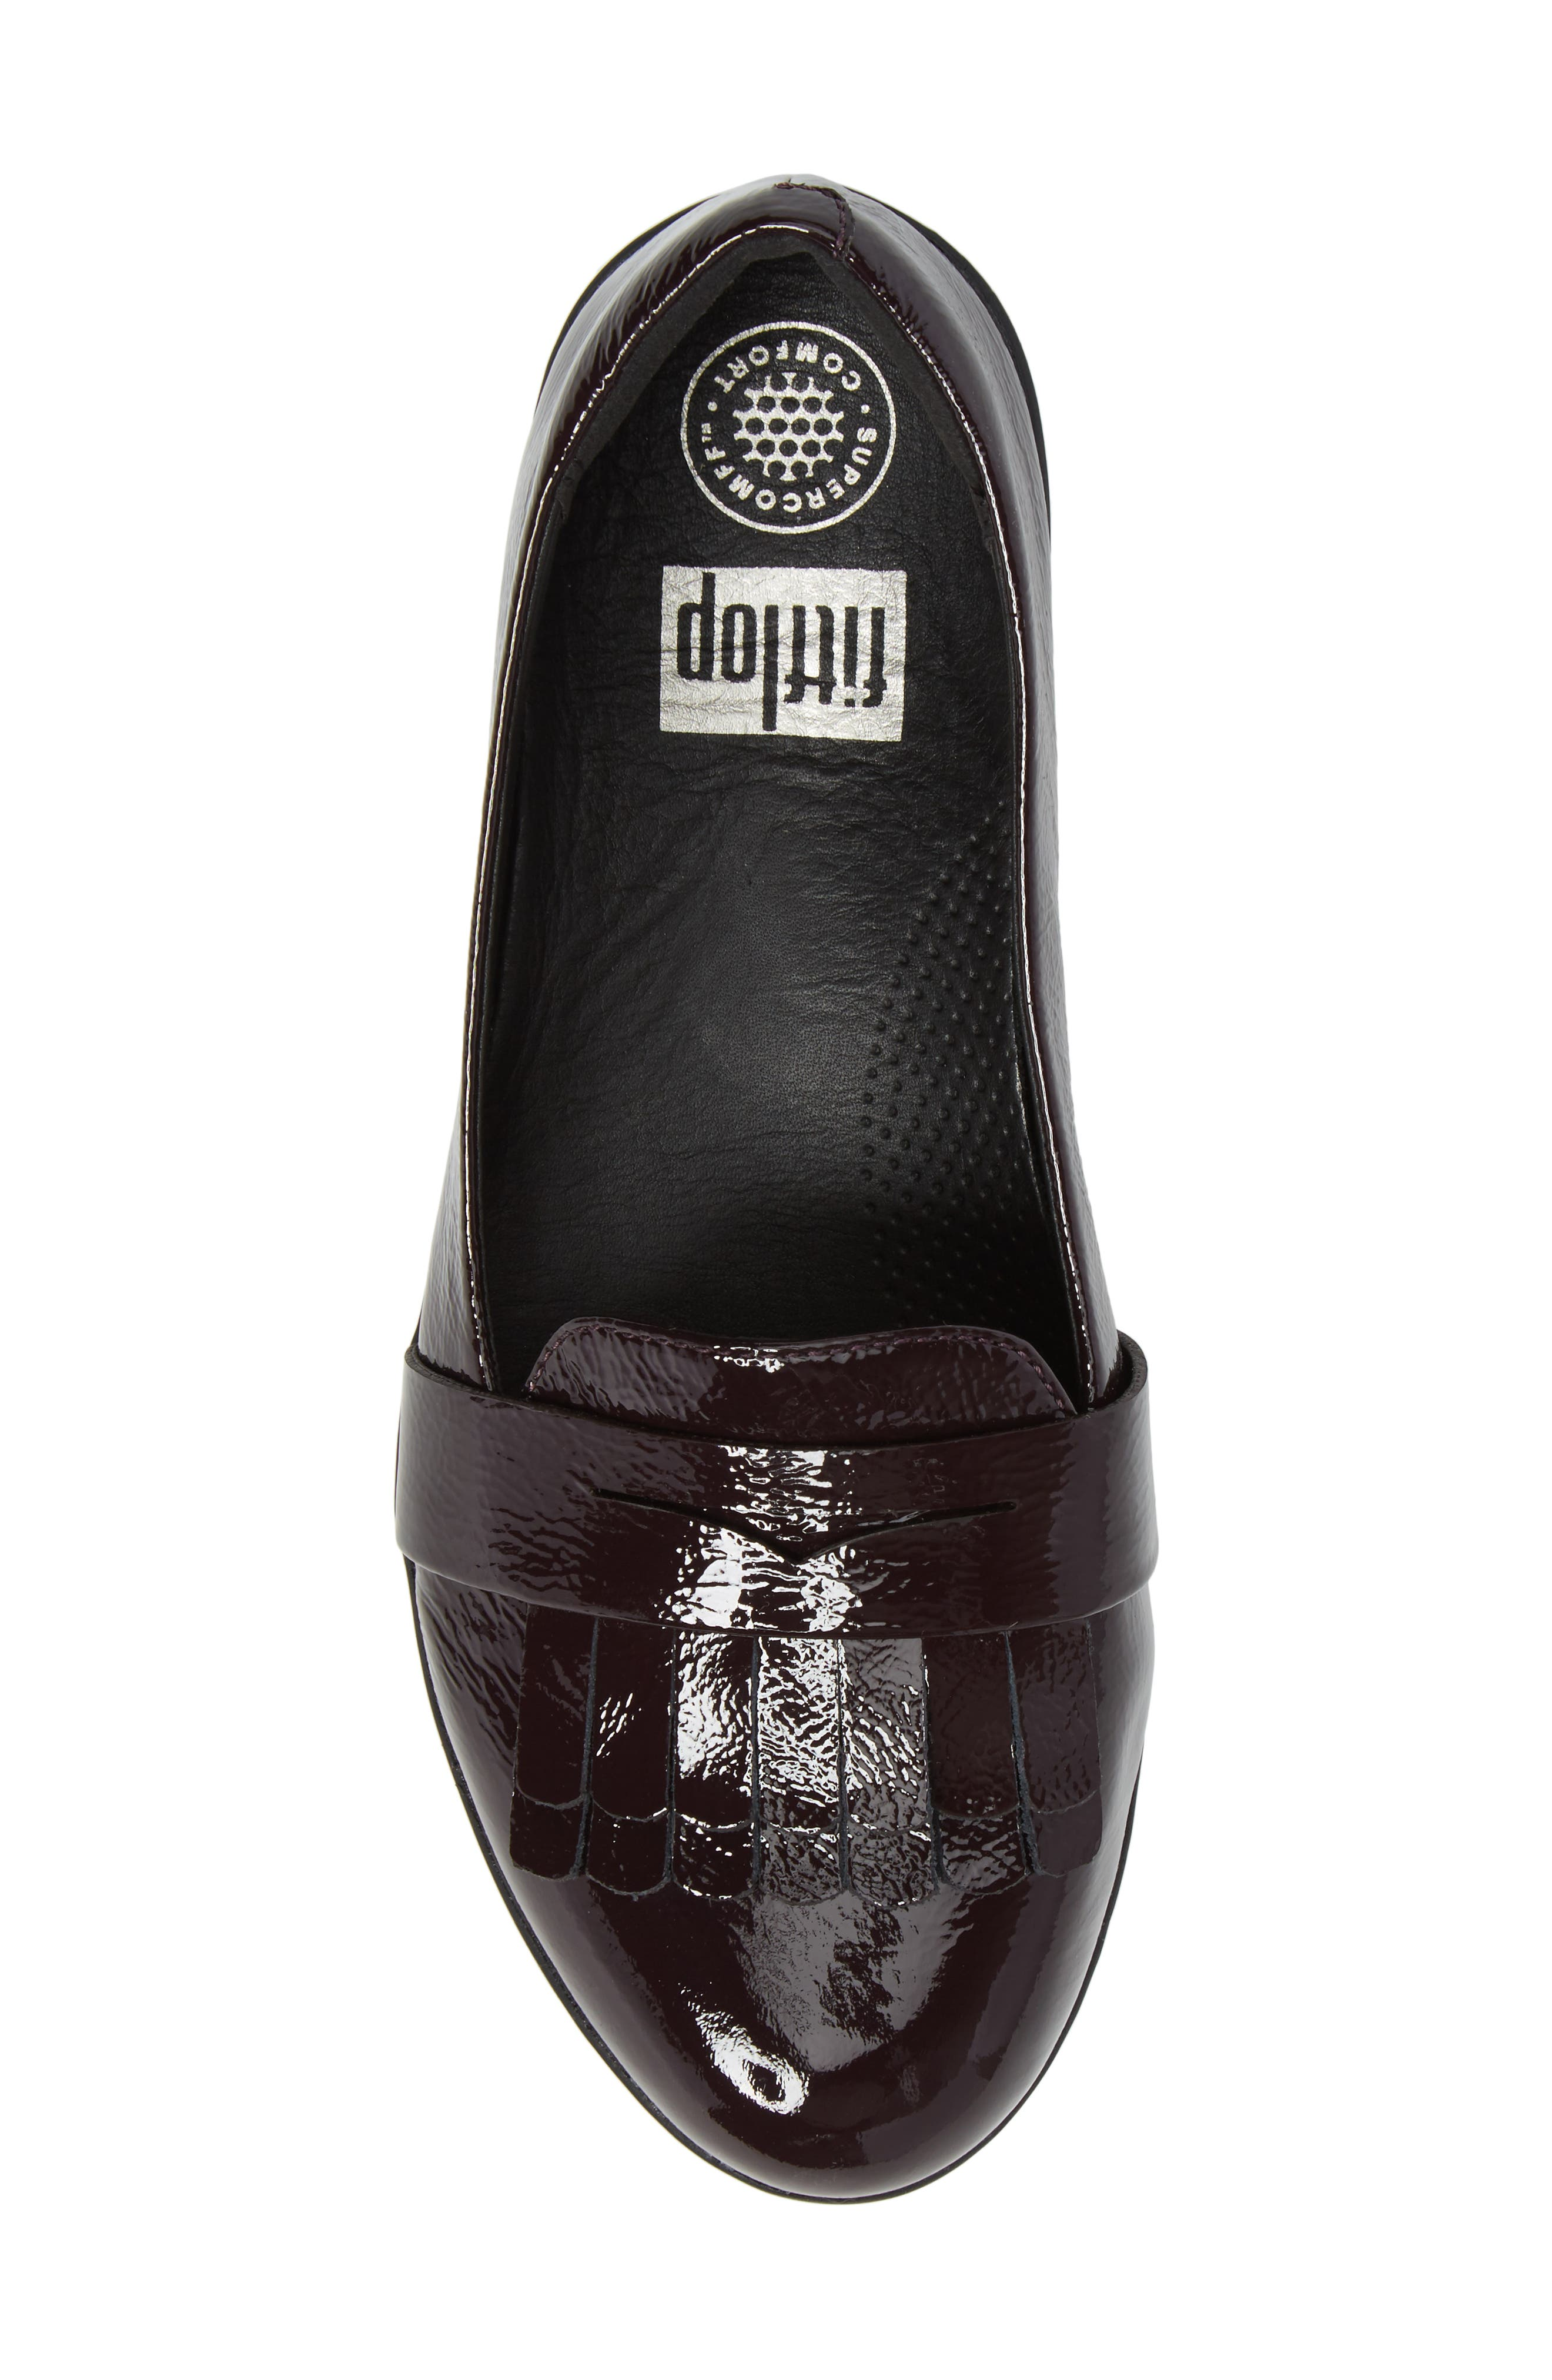 Fringey Sneakerloafer Slip-On,                             Alternate thumbnail 5, color,                             Deep Plum Leather